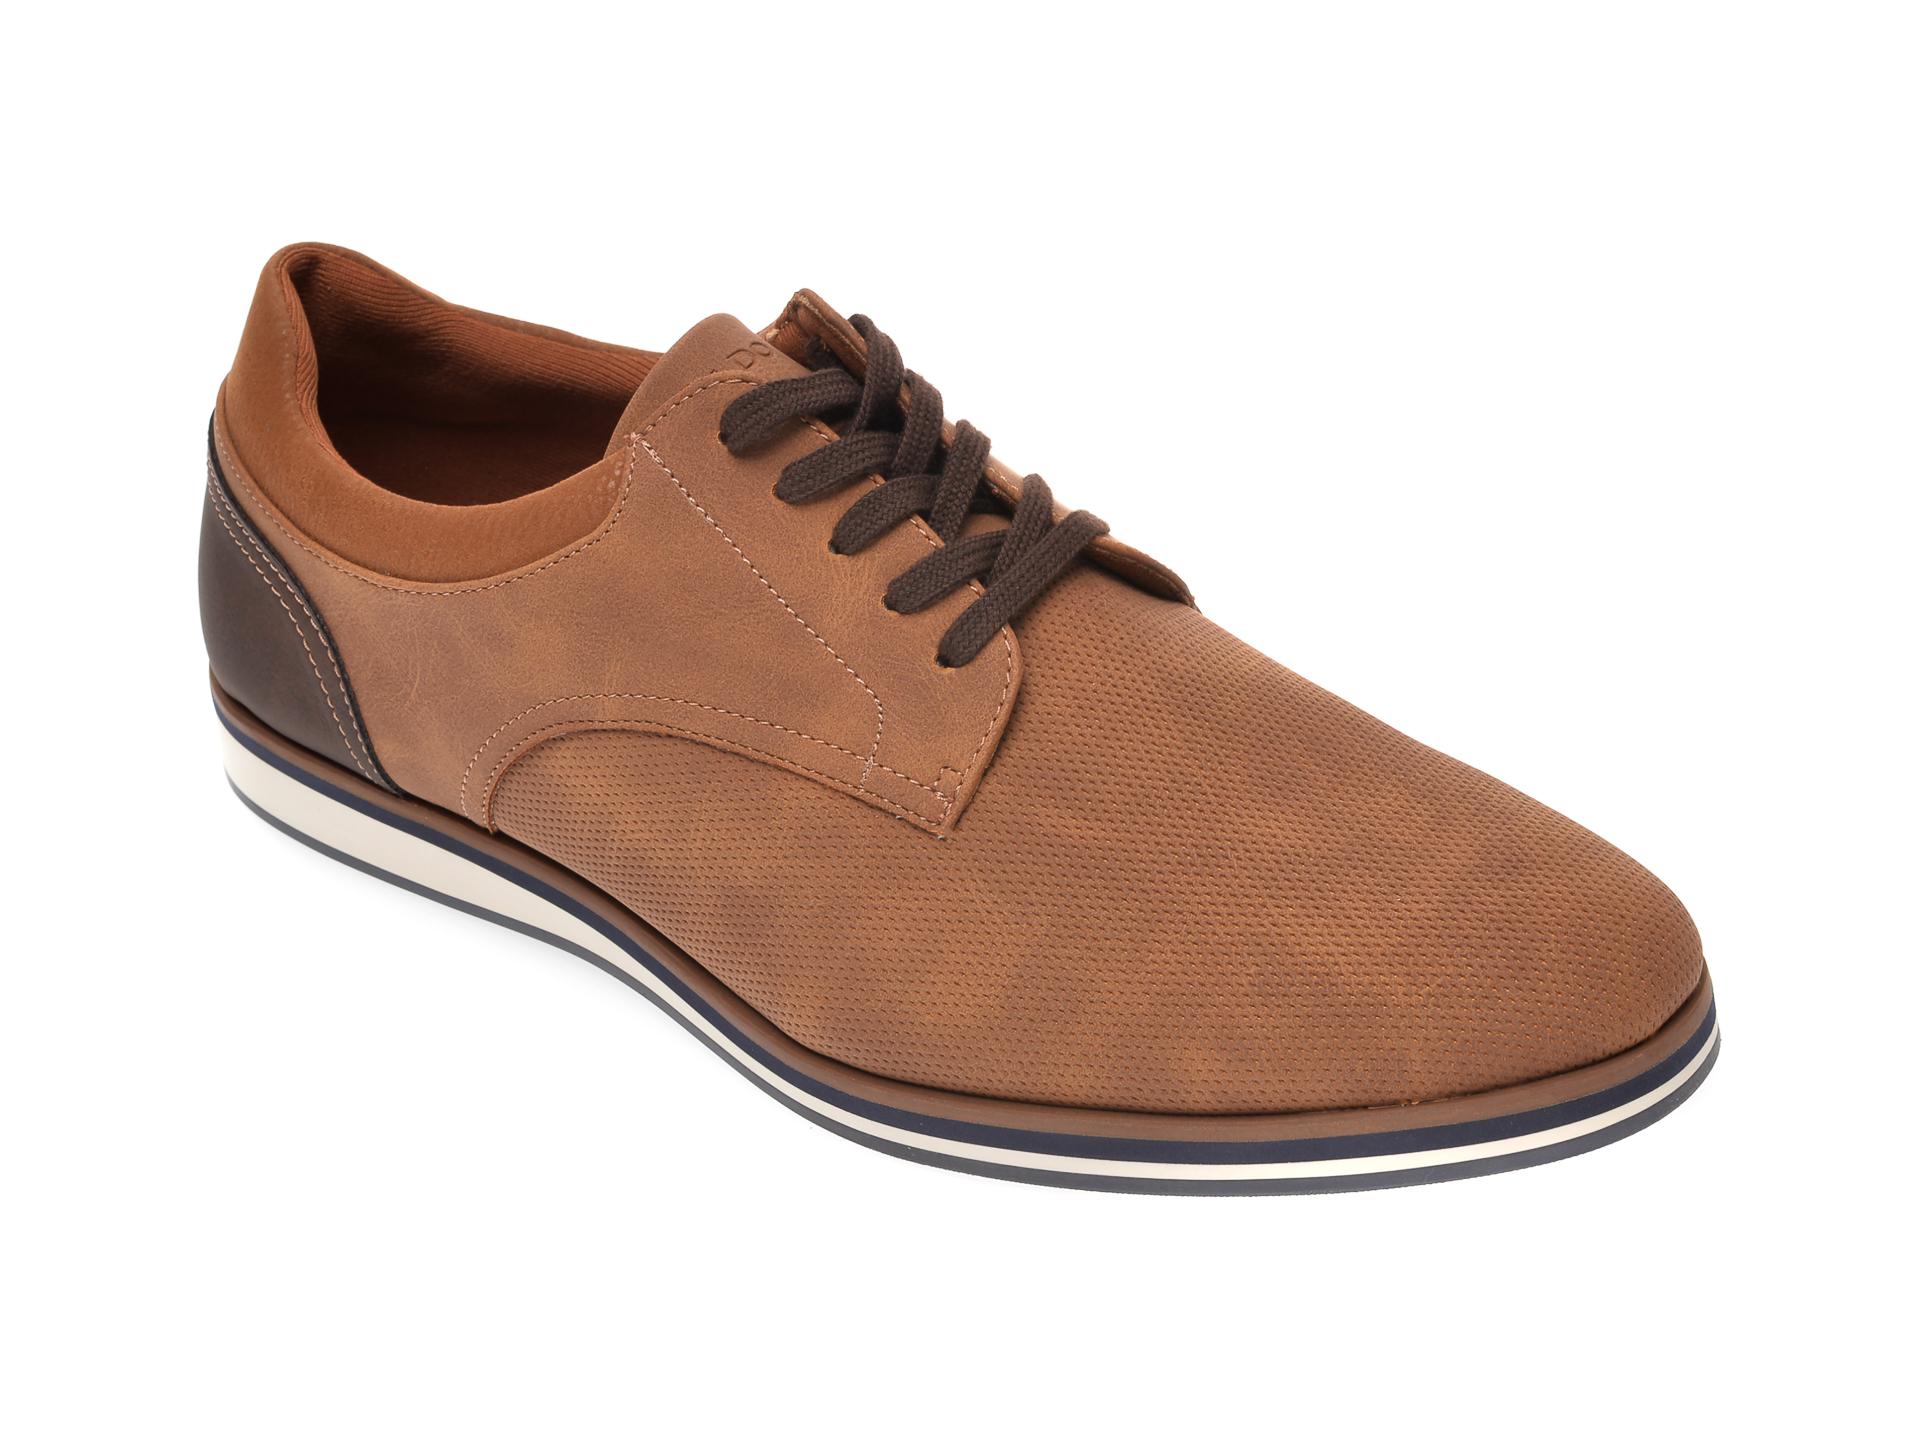 Pantofi ALDO maro, Cycia230, din piele ecologica imagine